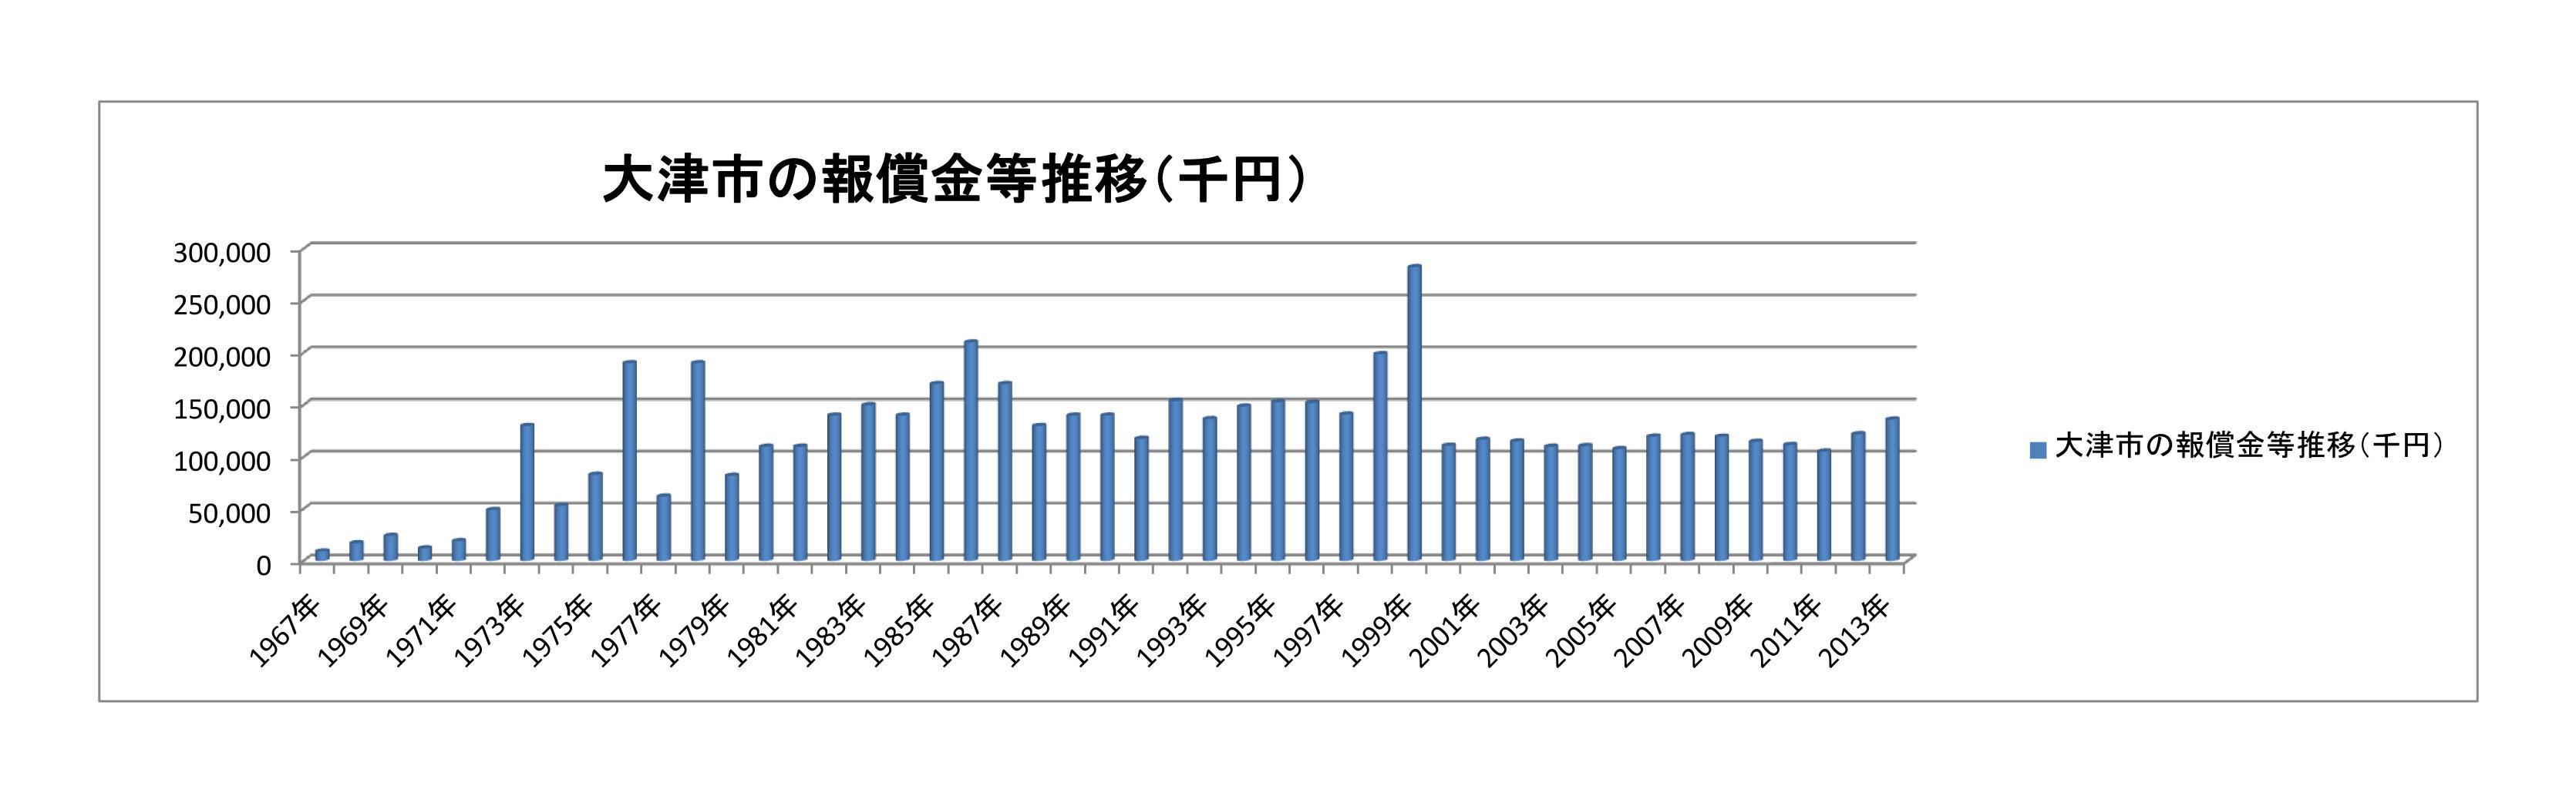 大津市報償金の推移(H8年~H13年)グラフ2_01